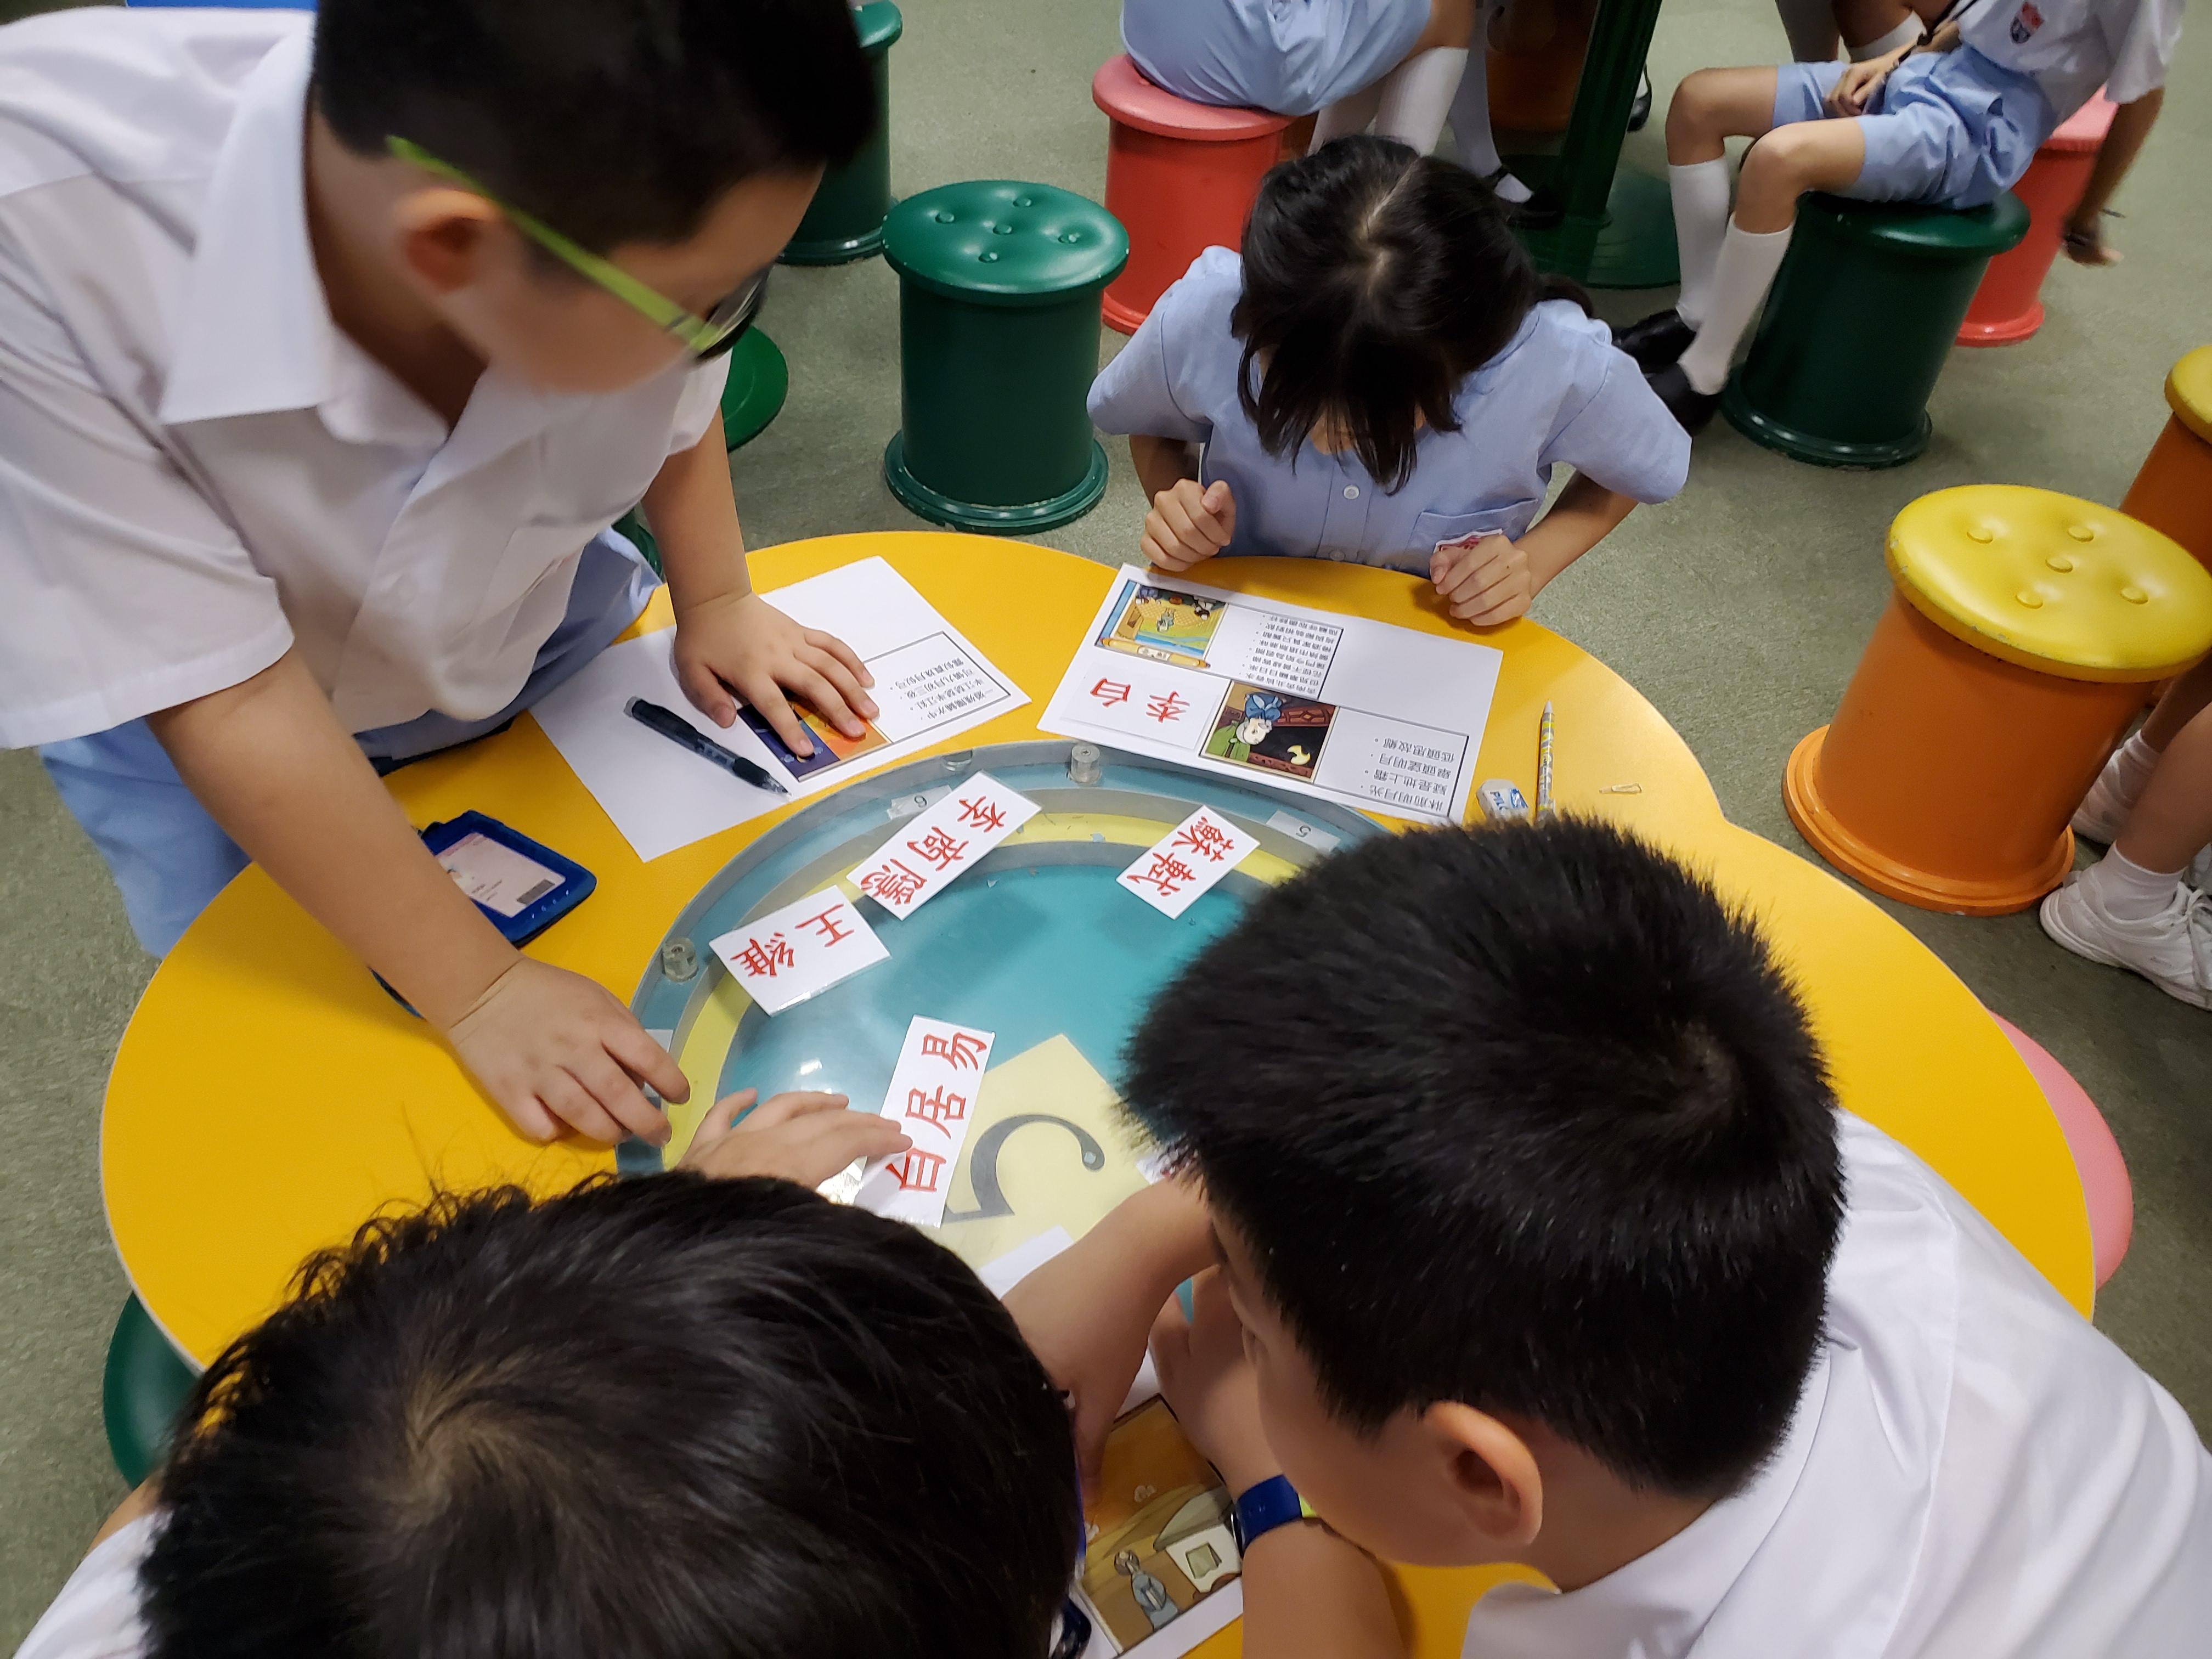 http://www.keiwan.edu.hk/sites/default/files/20191023_141759.jpg